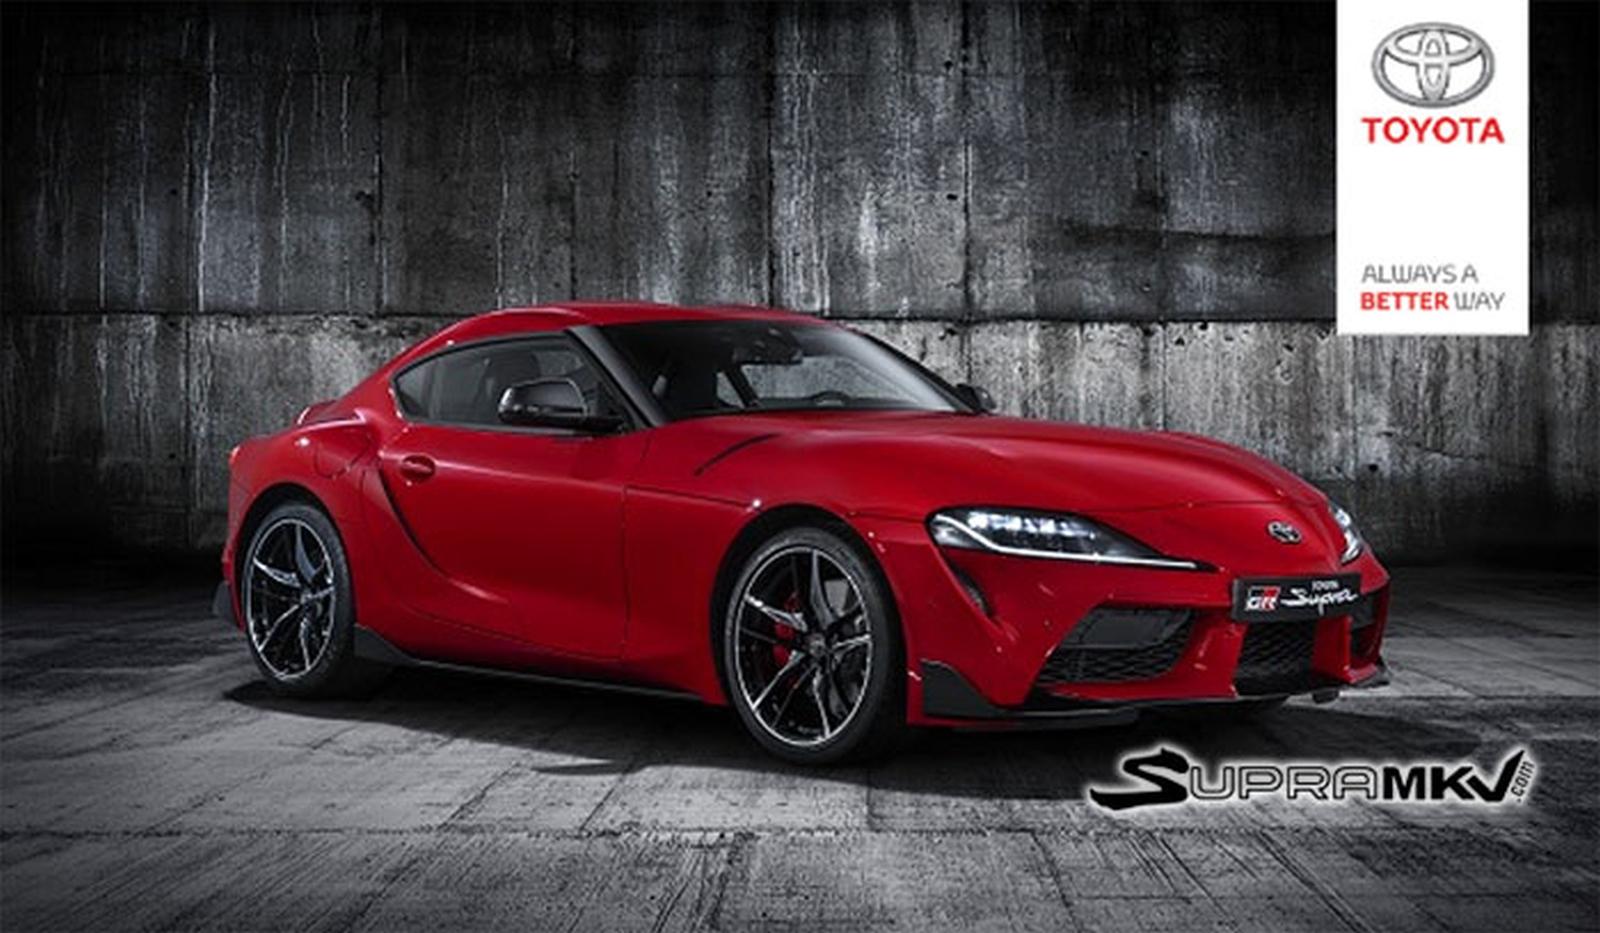 Toyota Supra - SupraMKV